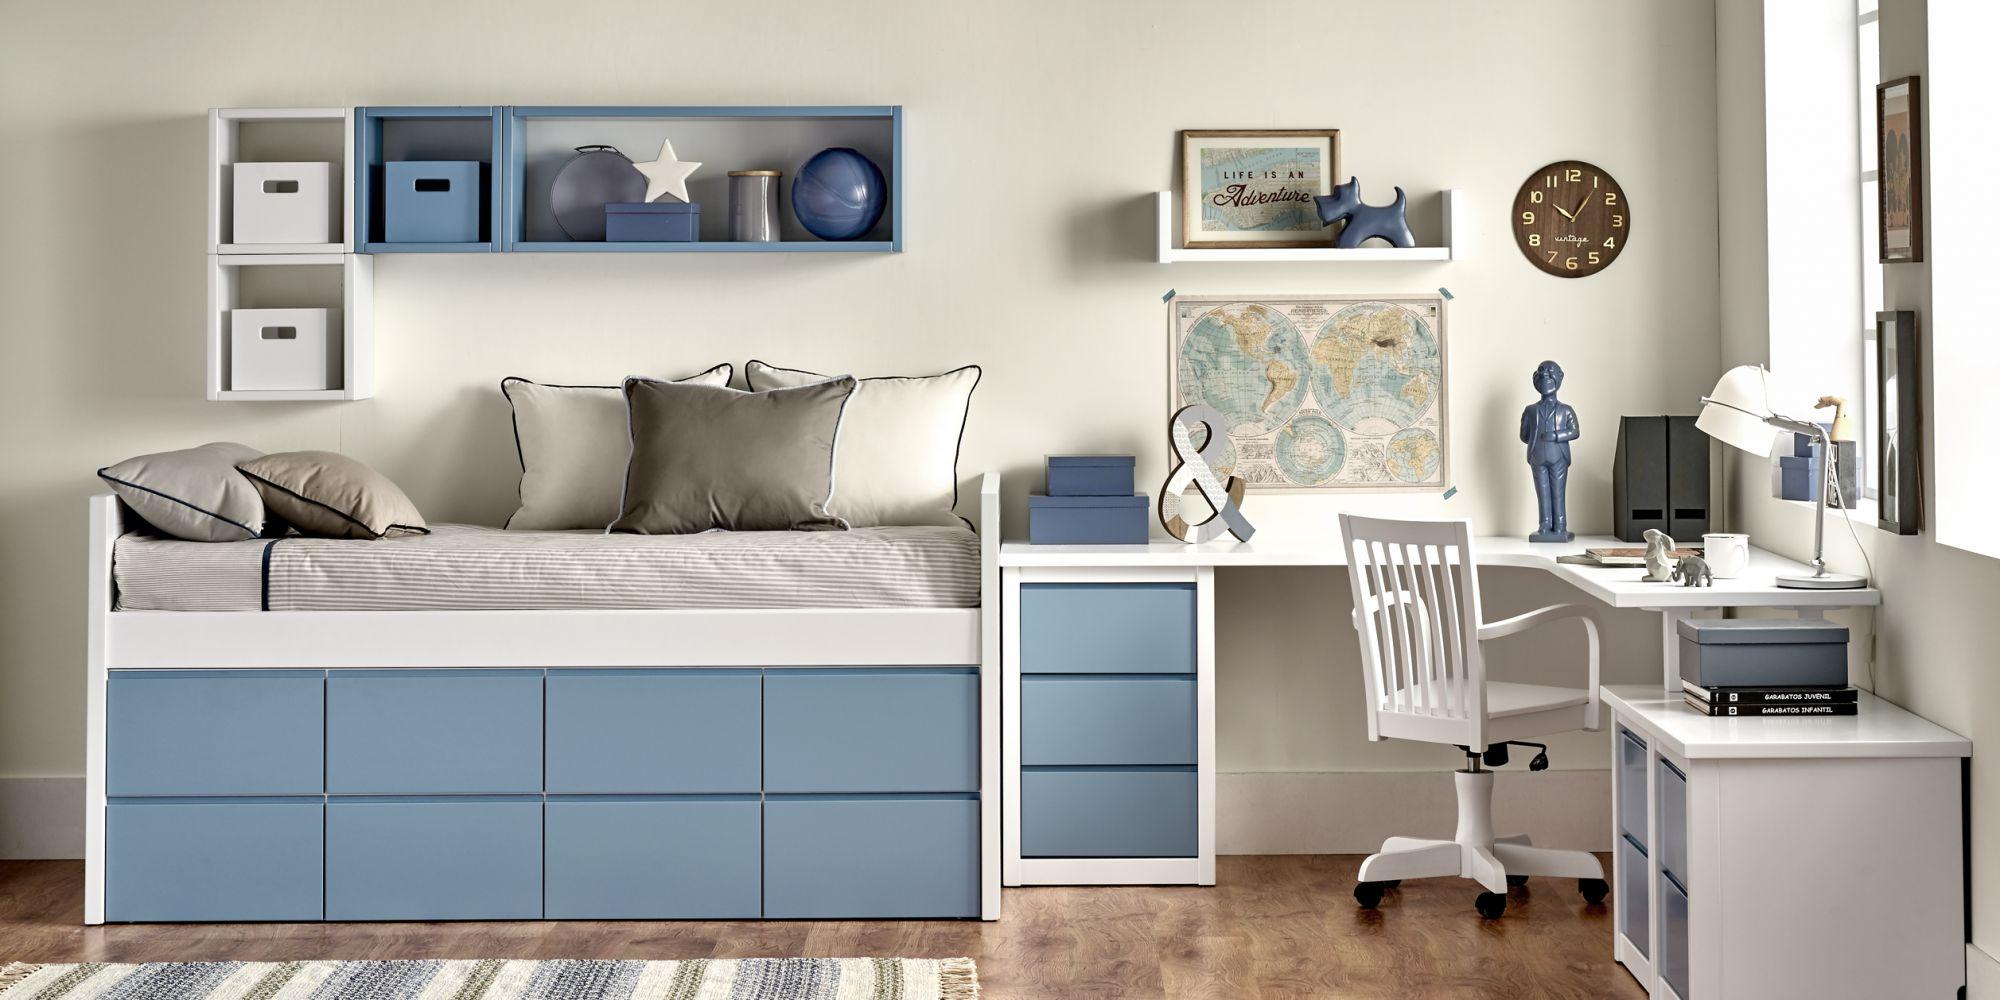 Compacto de ocho cajones color azul y zona de estudio con auxiliares